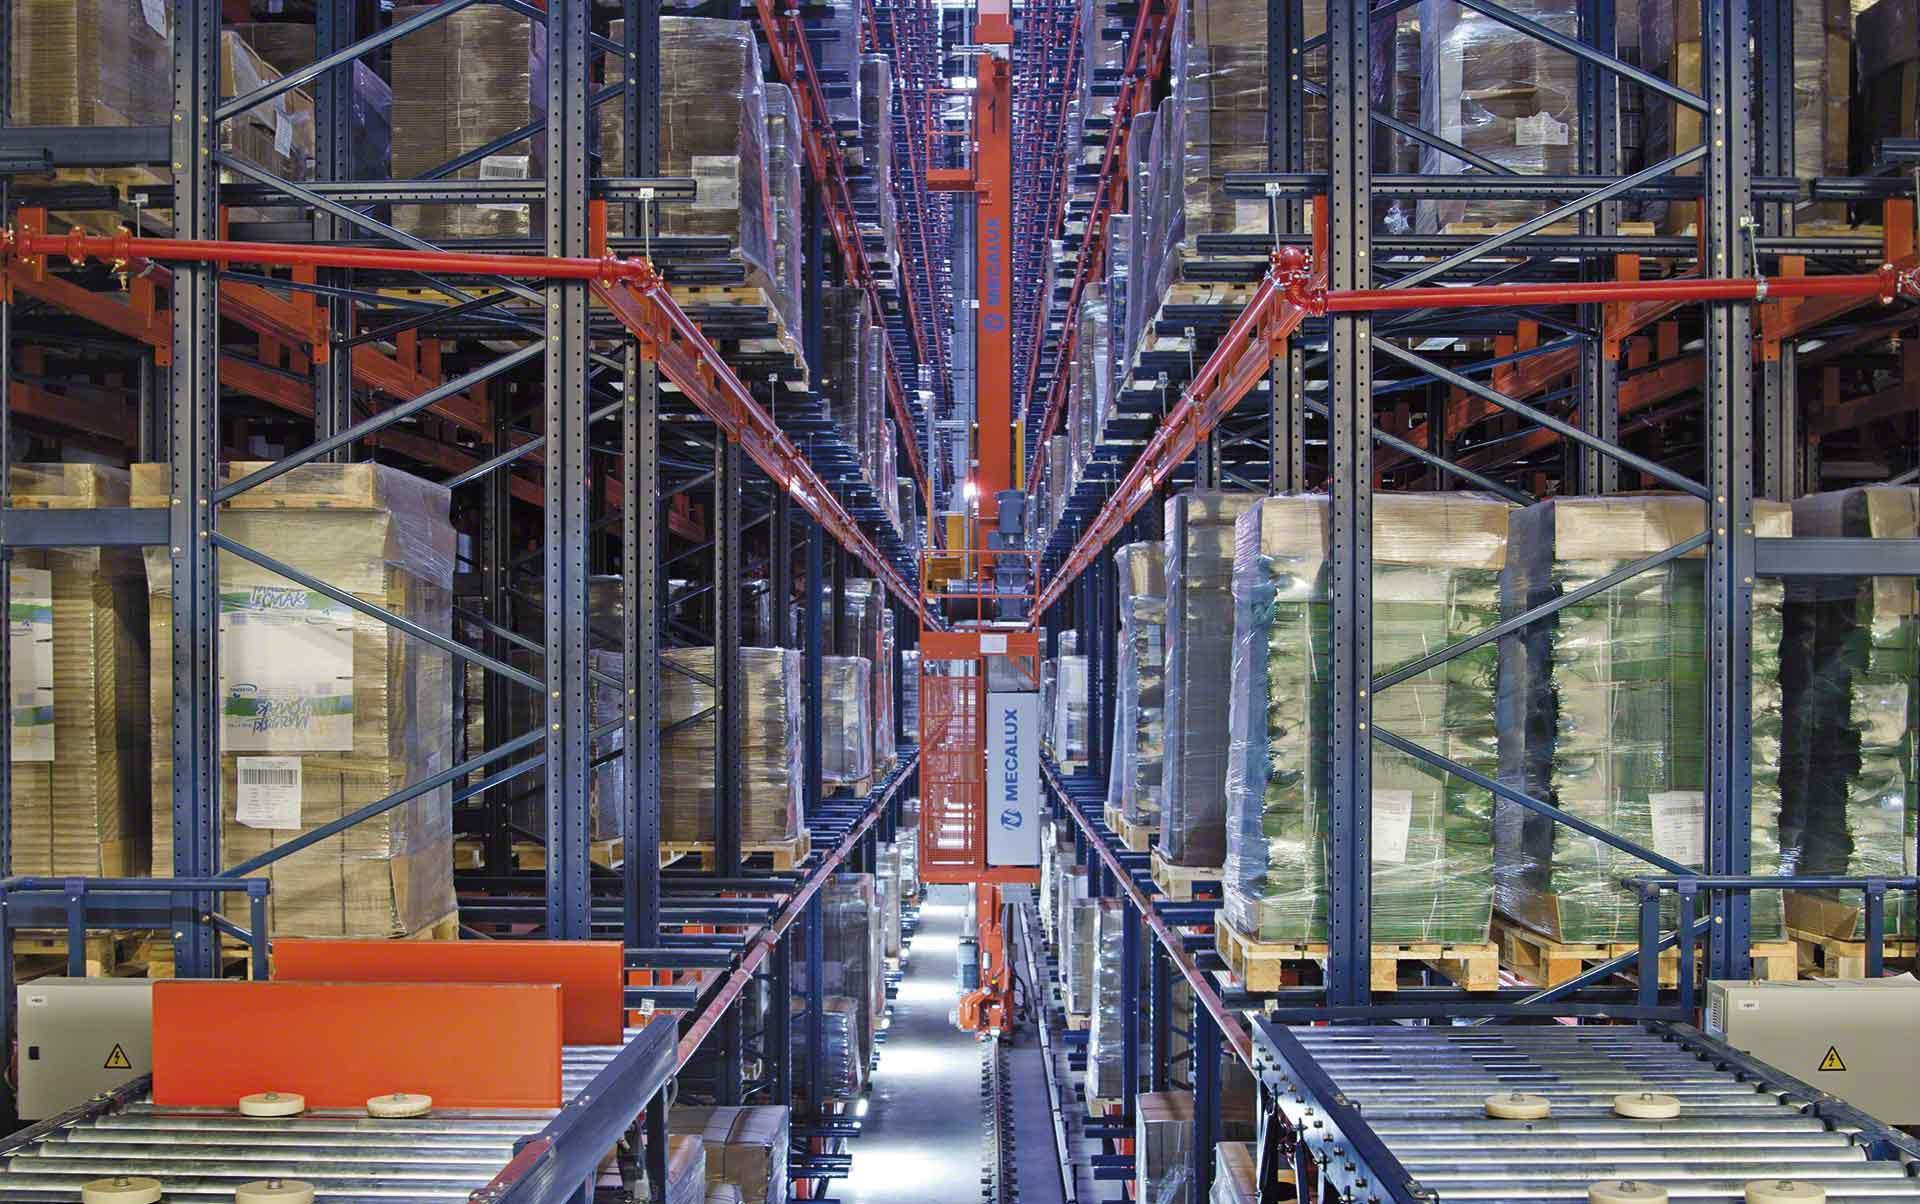 El almacén de WOK está dirigido por el sistema de gestión Easy WMS de Mecalux